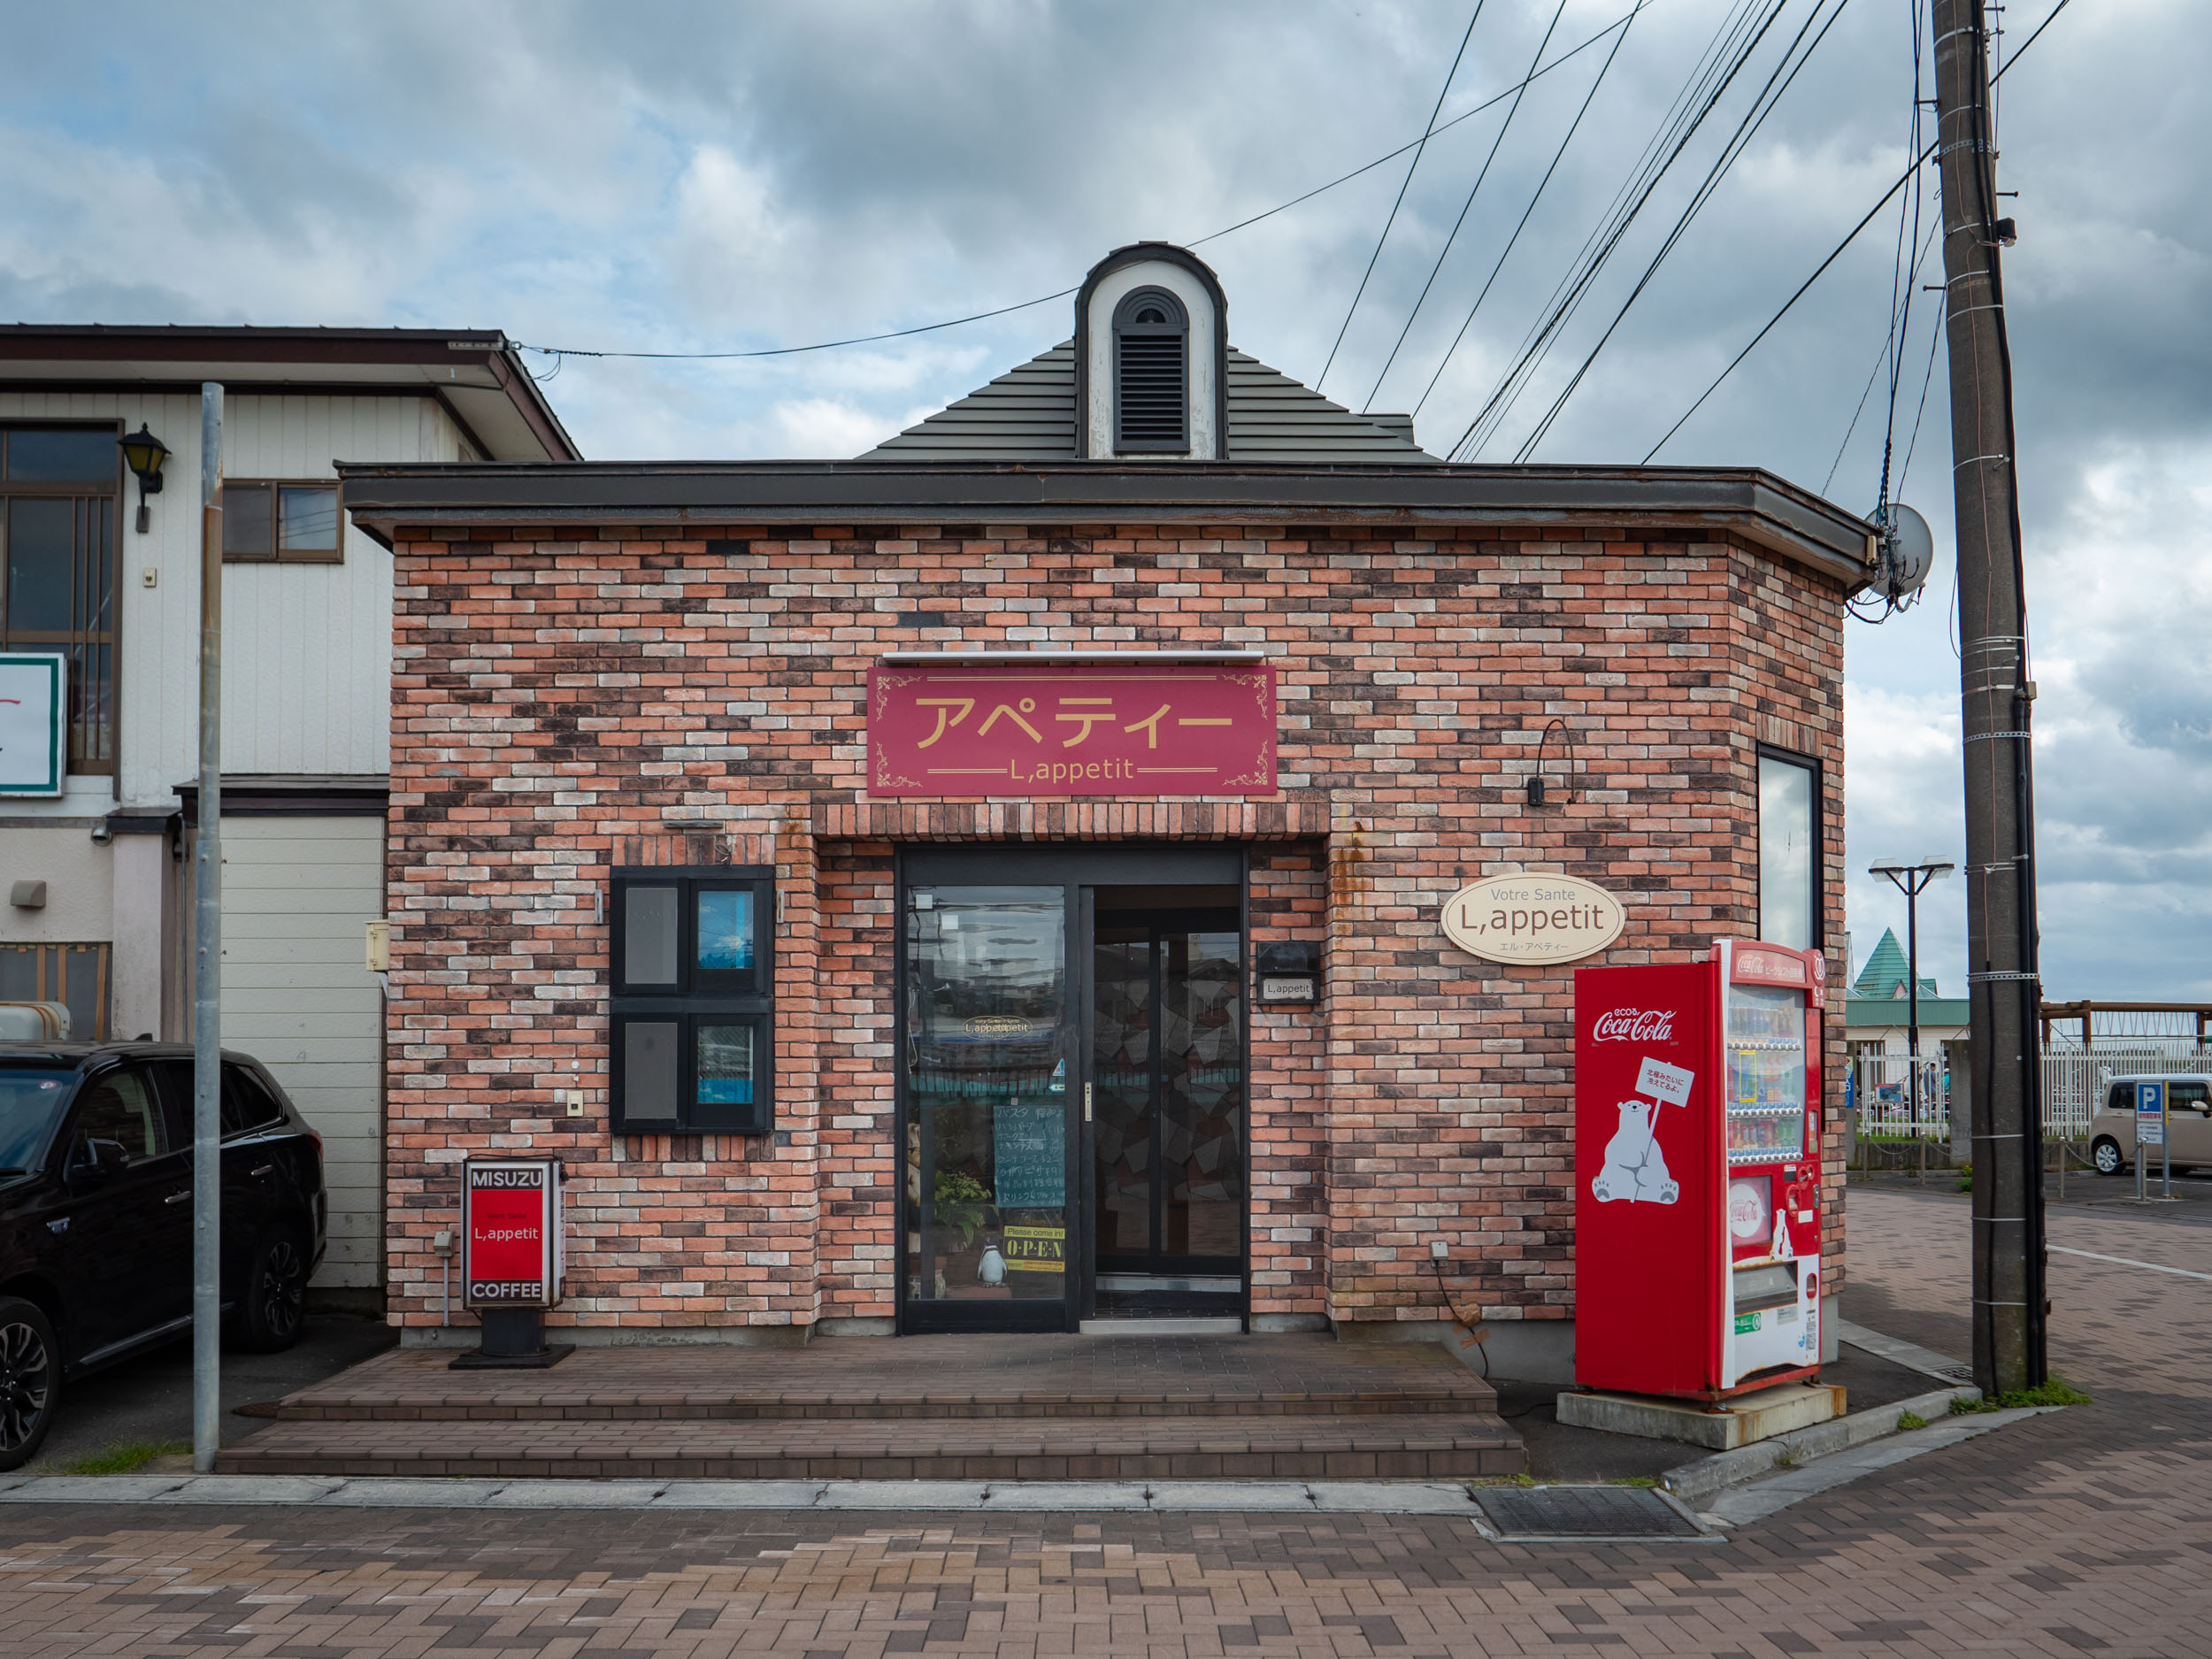 函館市湯の川の洋食店「エル・アペティ」の玄関 DMC-GX8 + LEICA DG 12-60mm